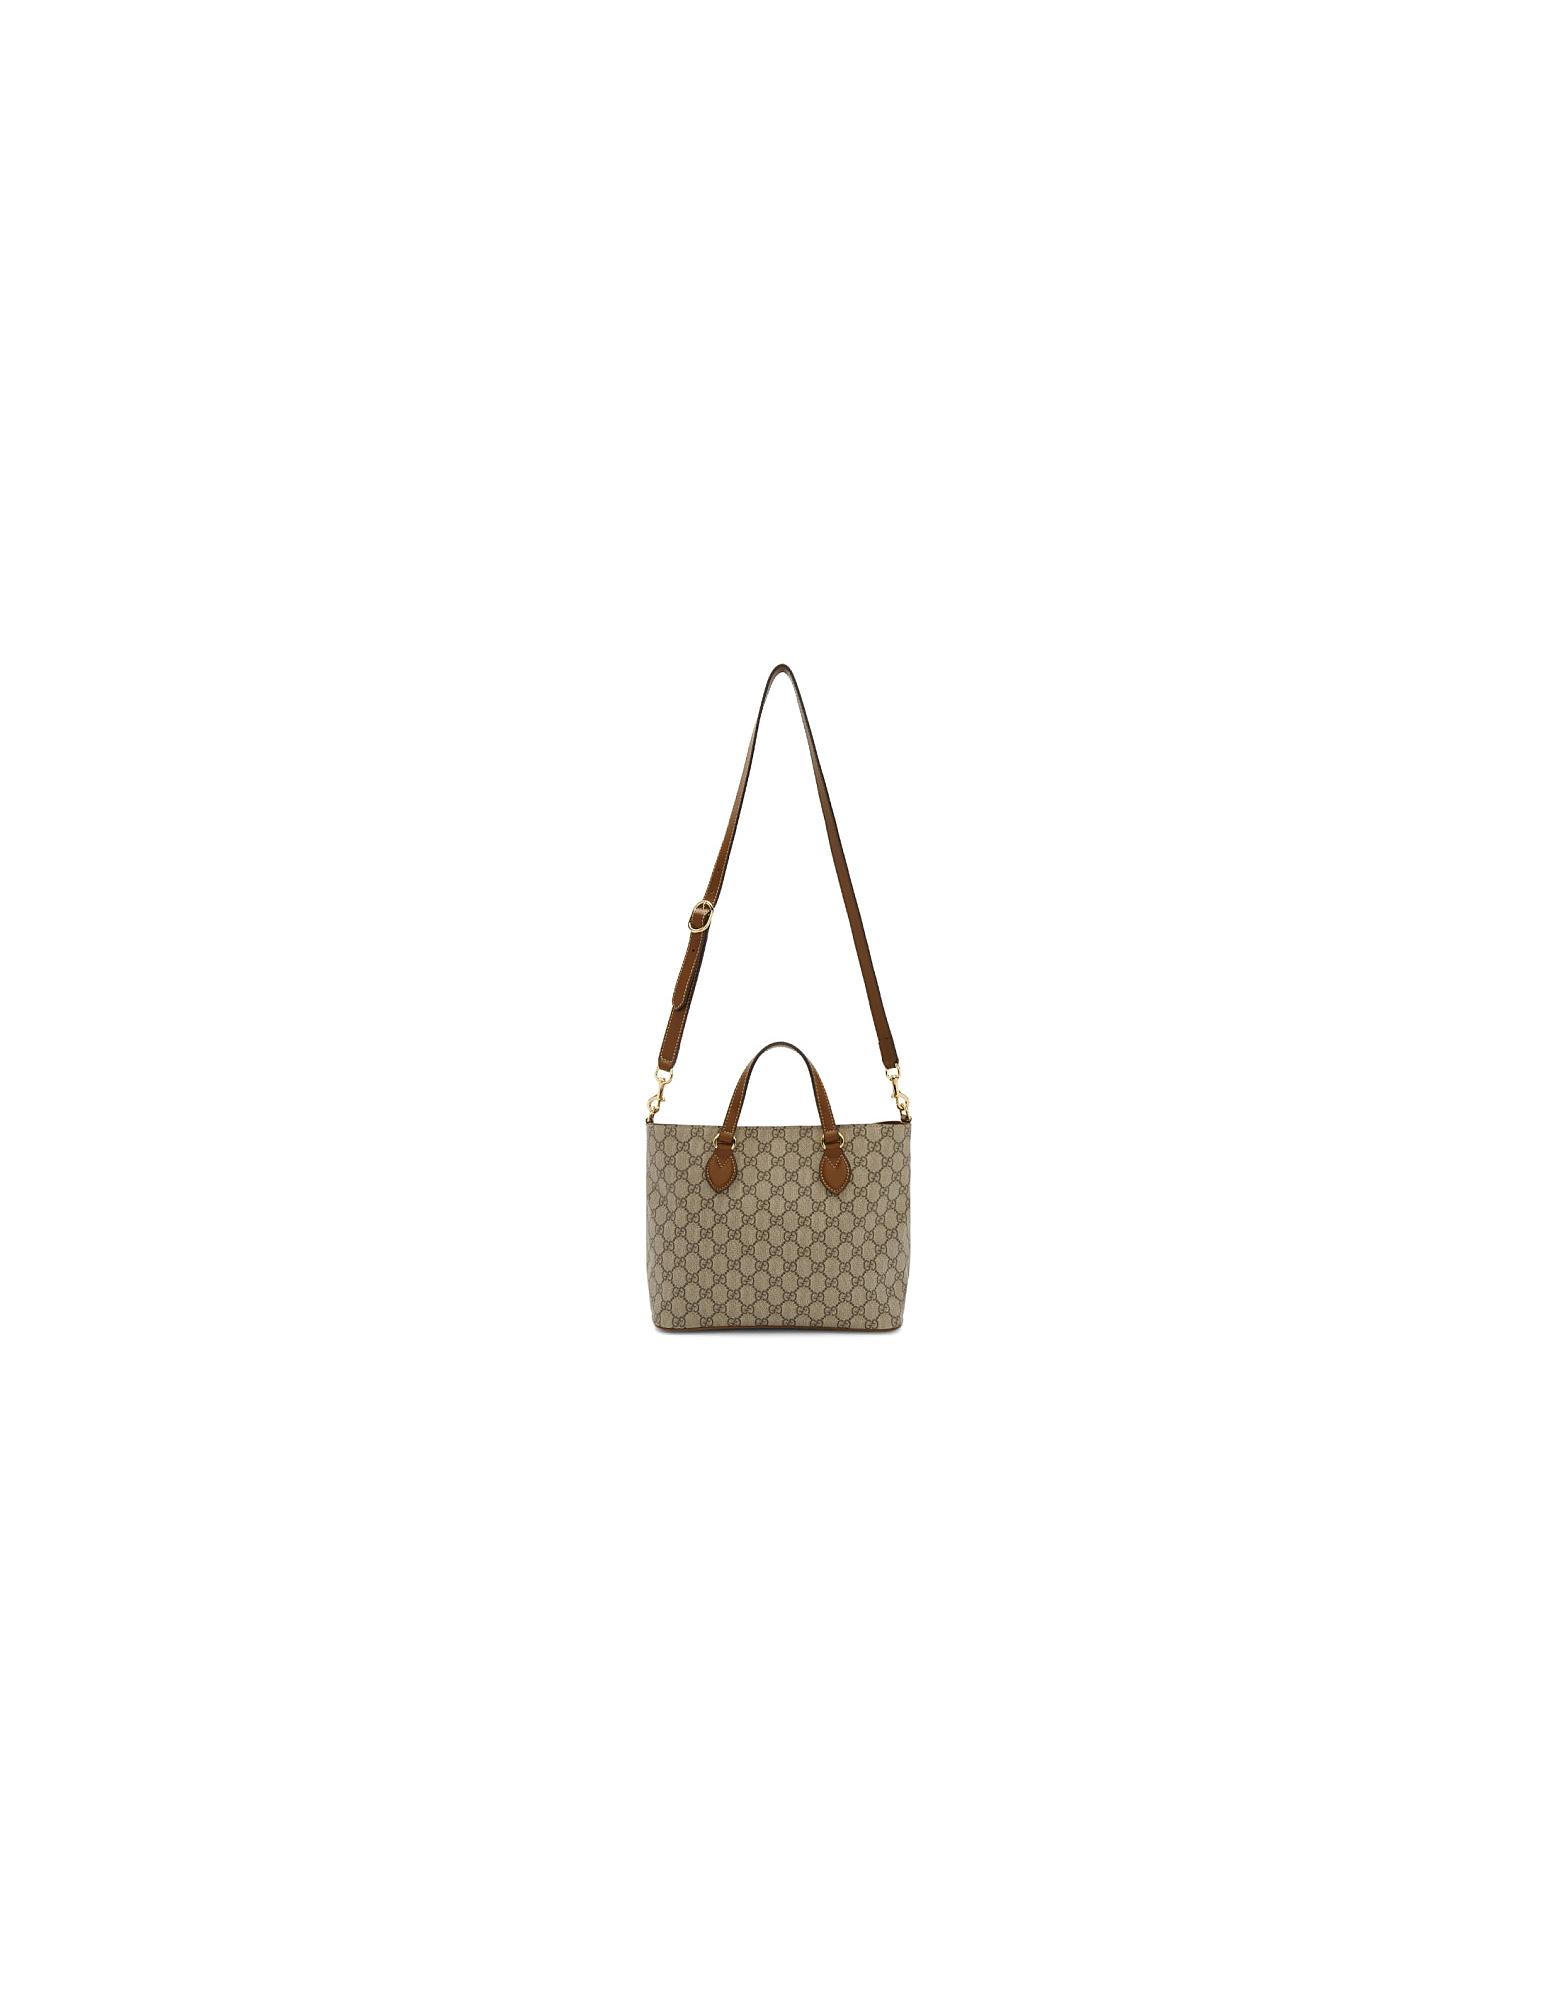 Gucci Designer Handbags, Beige GG Supreme Eden Tote